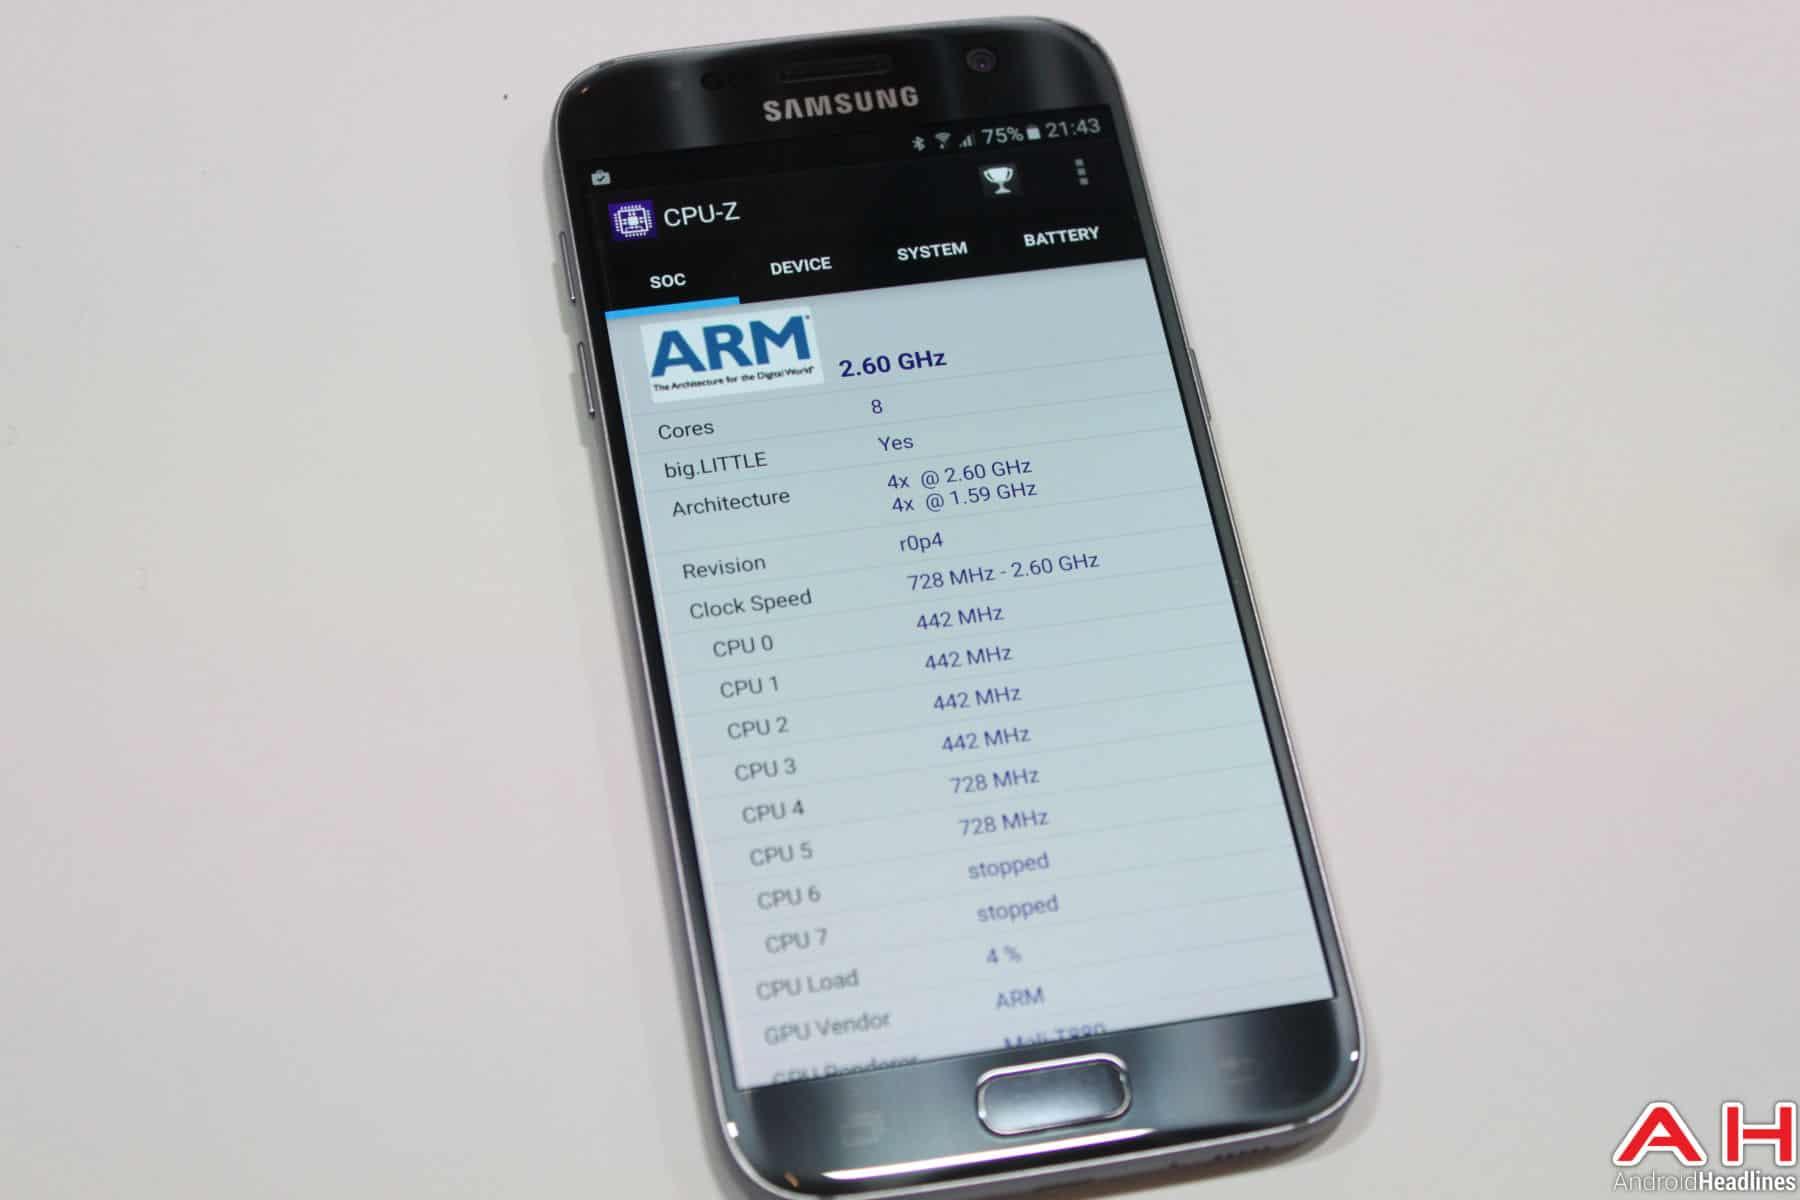 Samsung Galaxy S7 Benchmark GFX 7